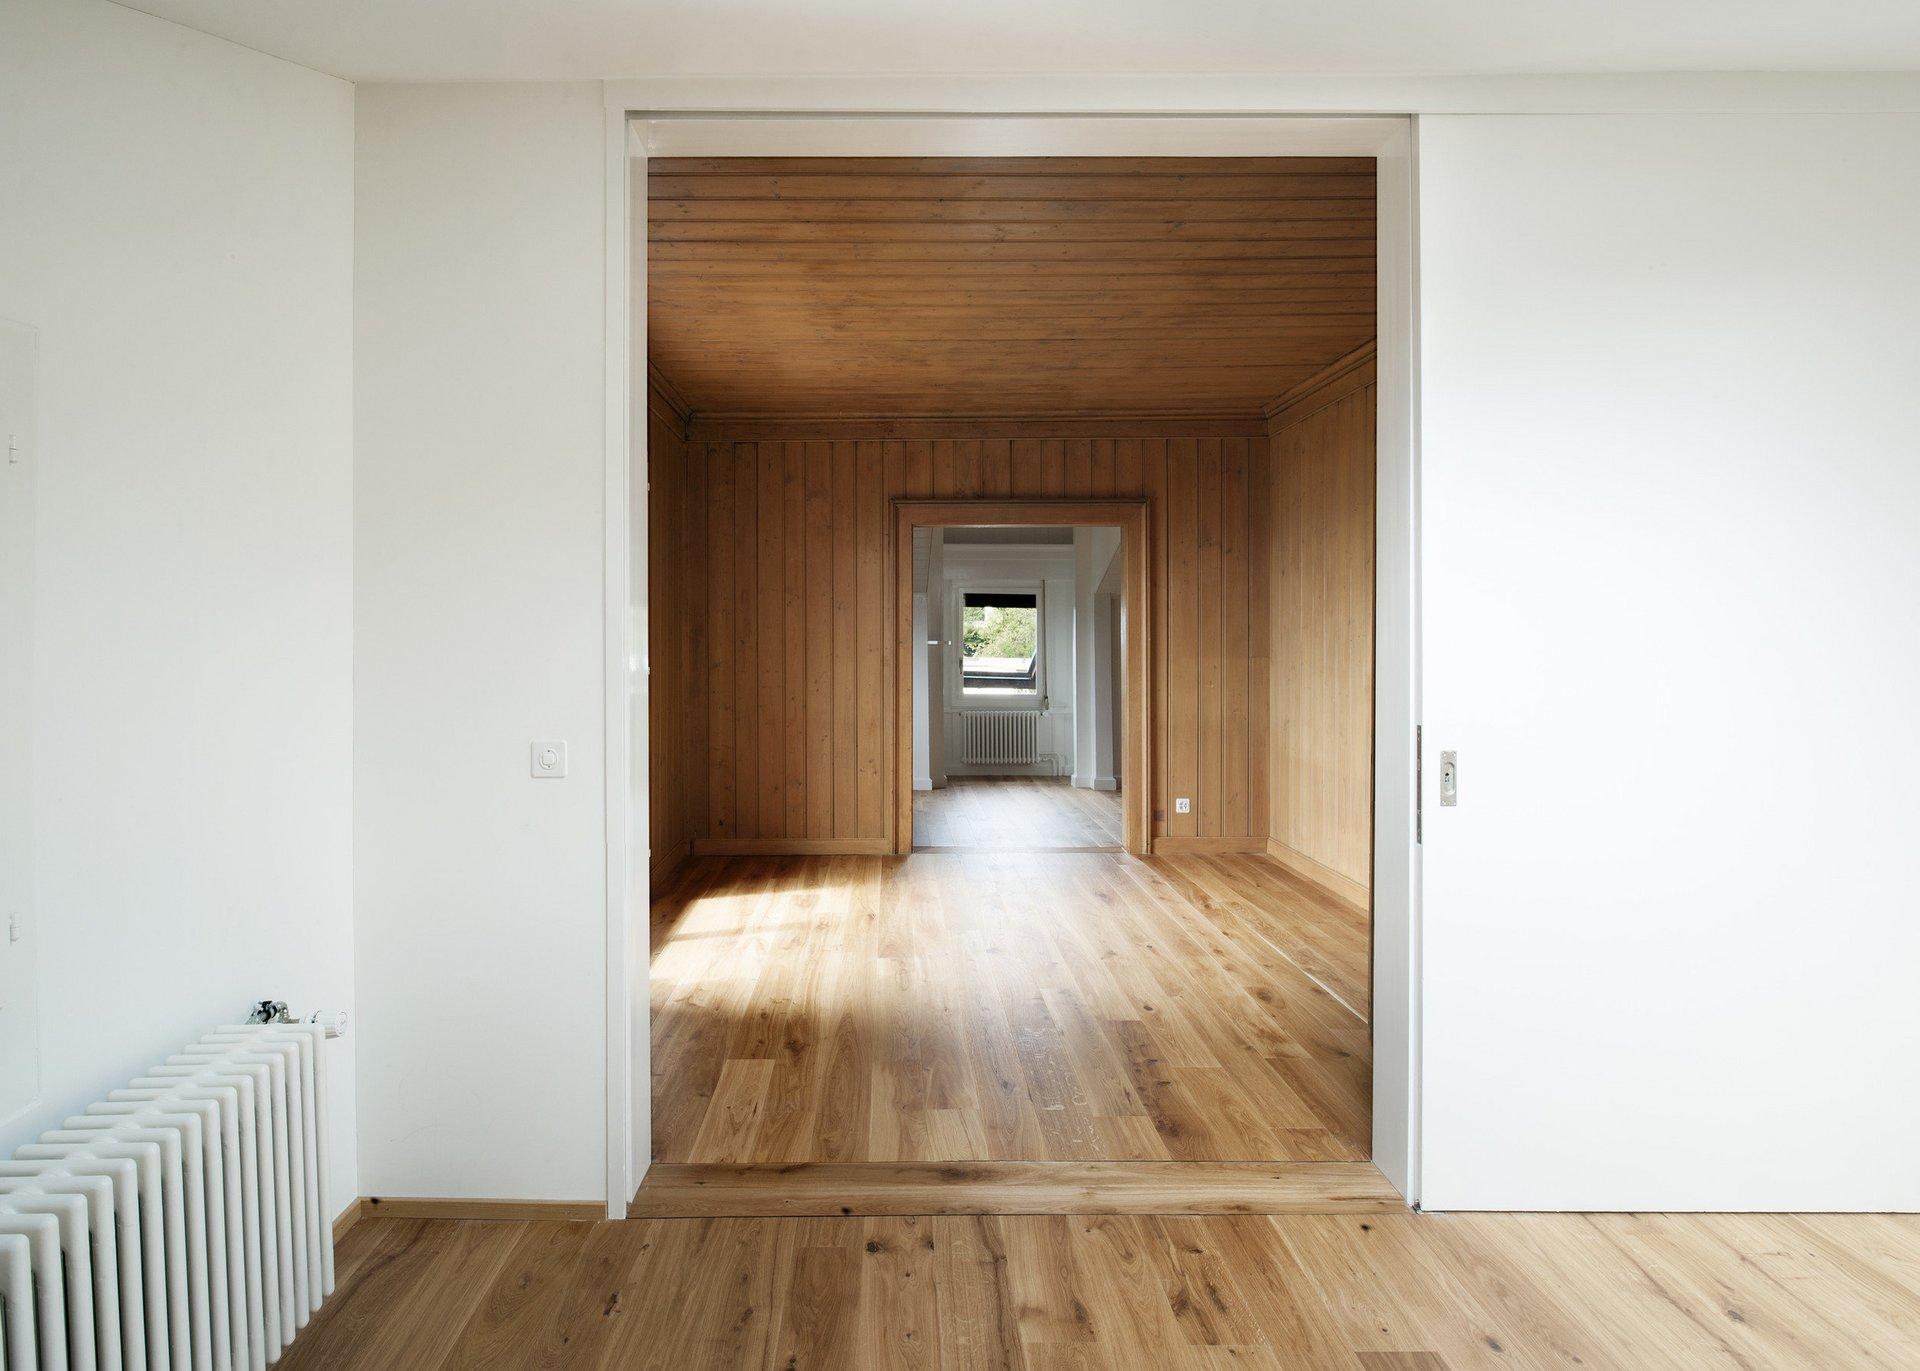 Türrahmen + Wohnraum mit Wänden, Decken und Böden aus Holzdielen